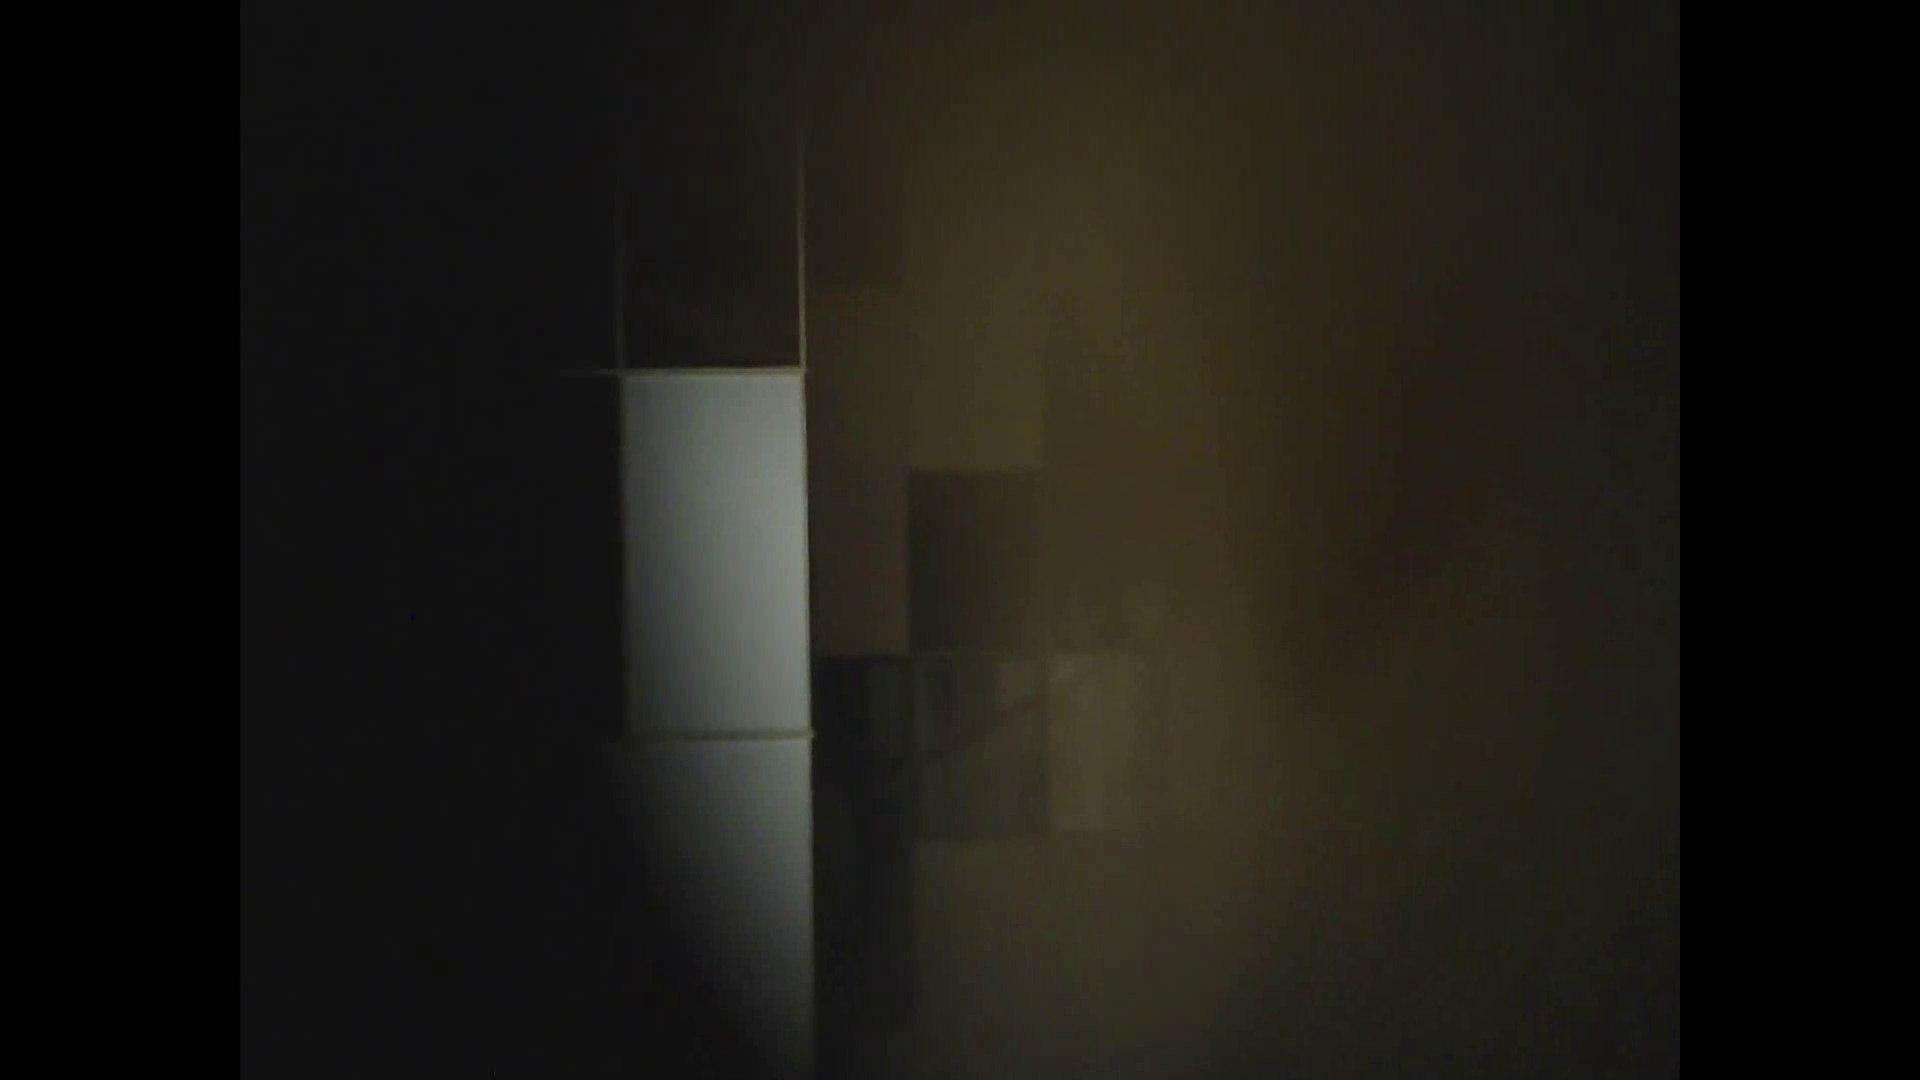 ゲイ アナル|イケメンの素顔in洗面所 Vol.06|イケメン